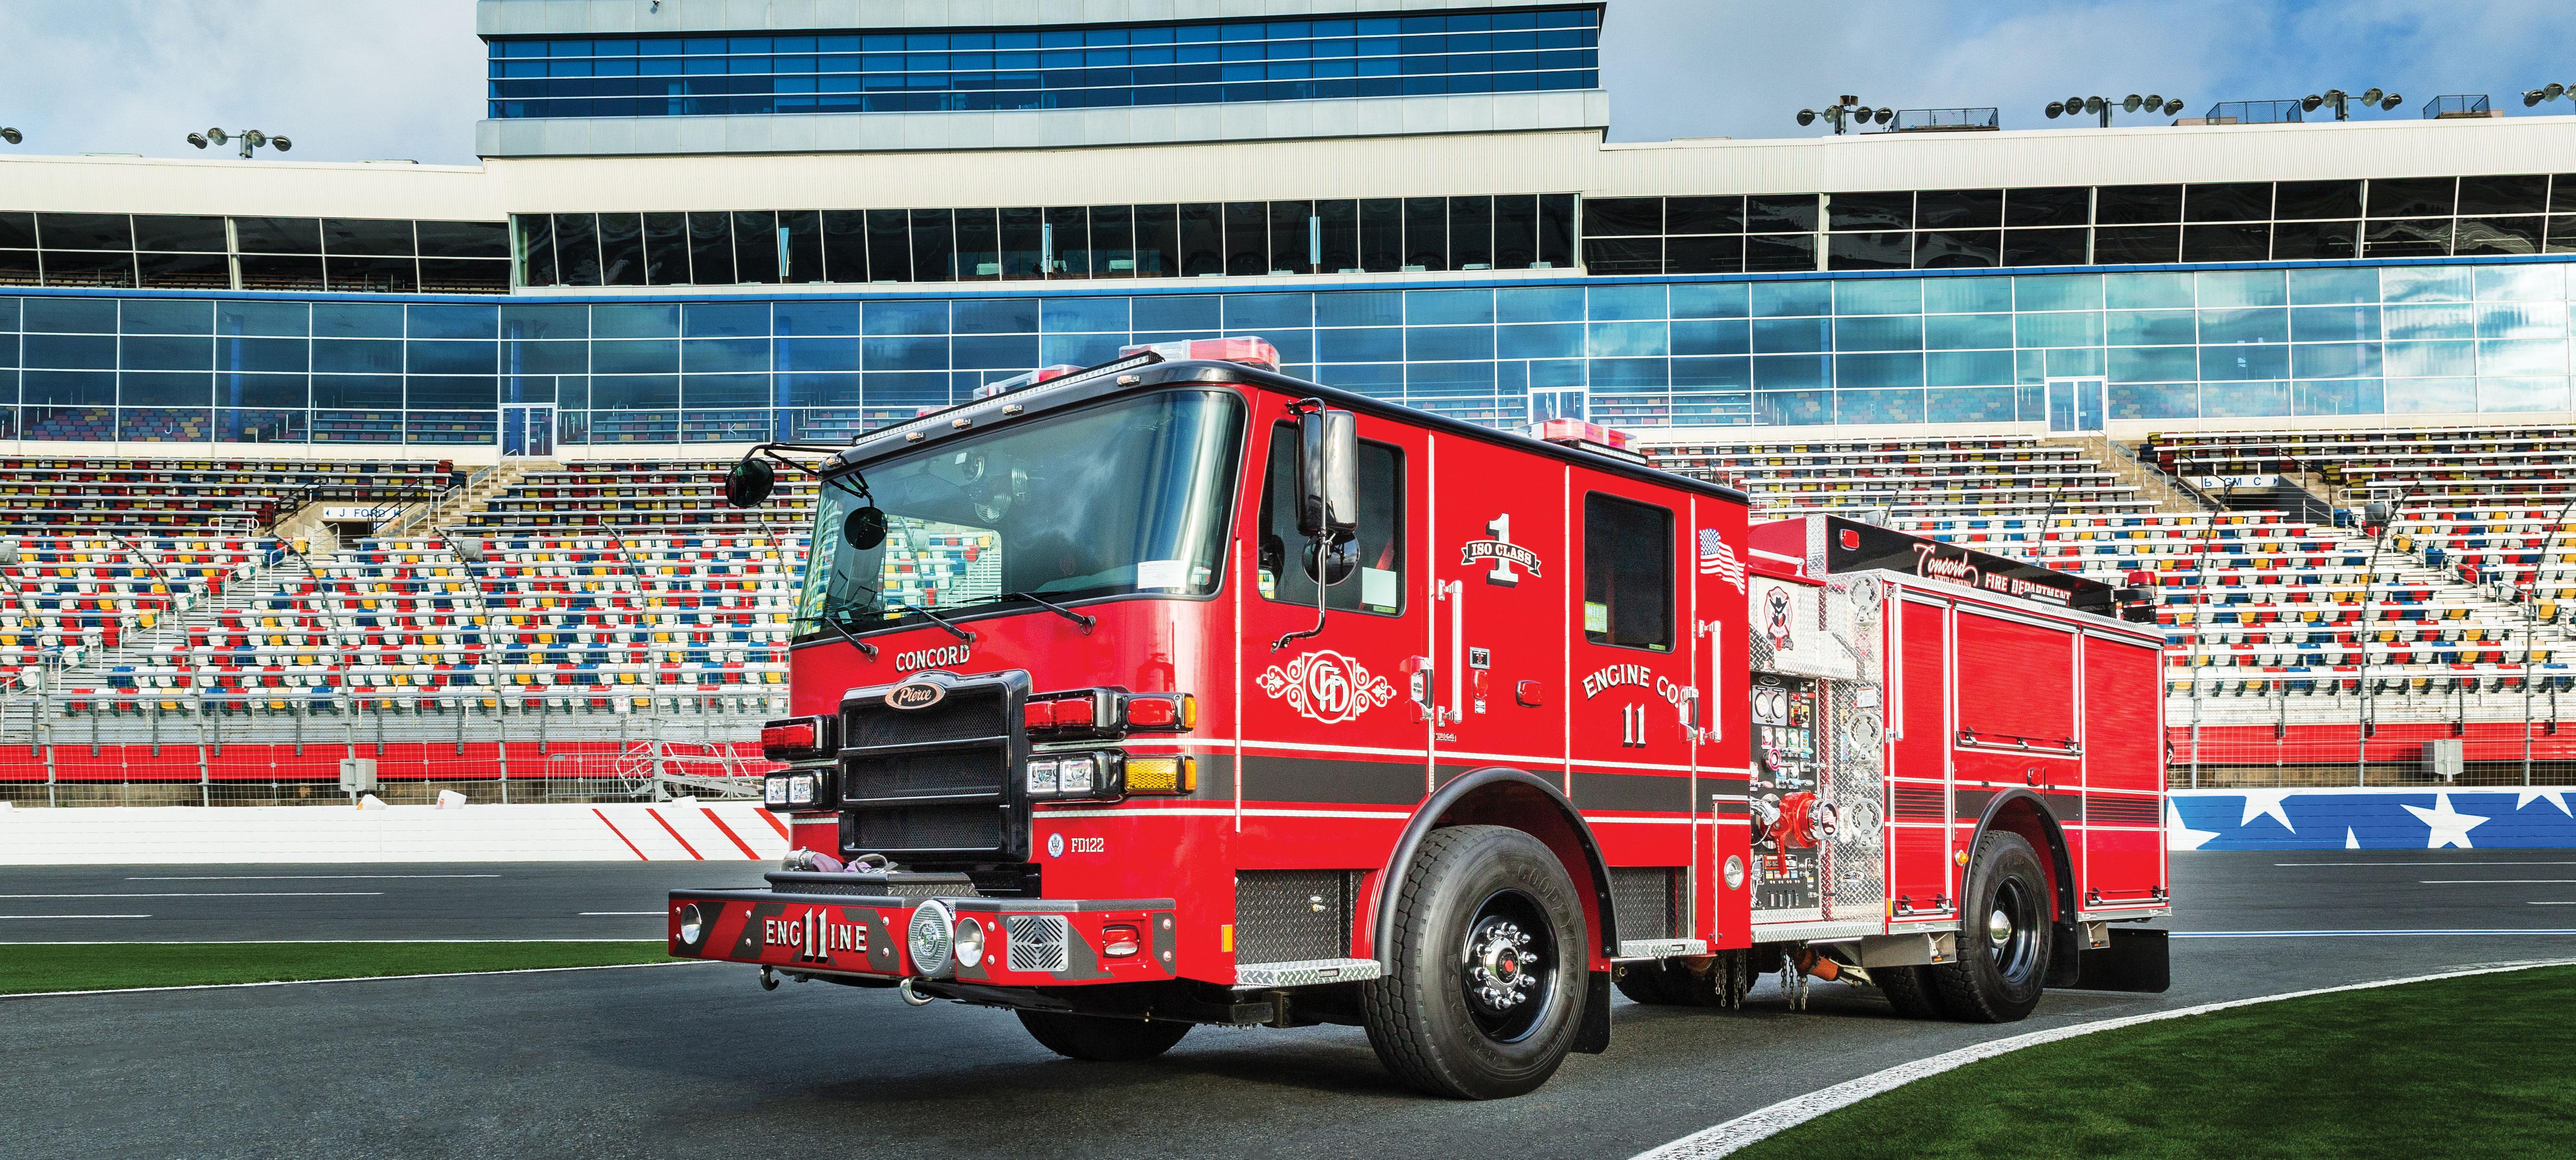 Pierce Pumper Fire Truck